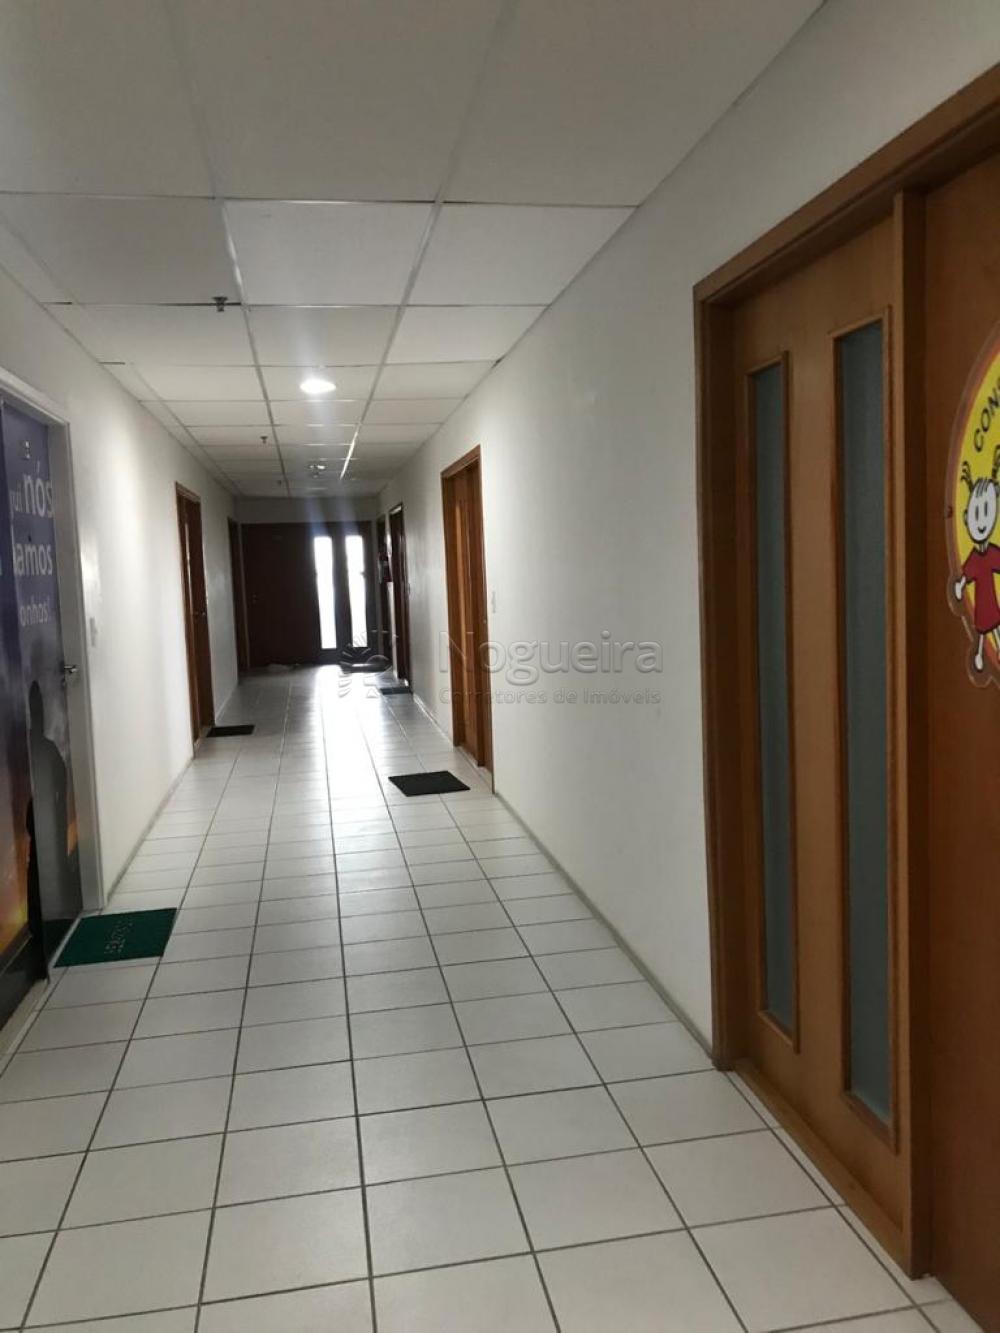 Digimobi - Conheça excelente sala comercial exclusiva, andar alto, vista mar, no bairro de Piedade, com 34,69m. A sala possui divisórias em gesso para 2 salas, 1 recepção, 1 vaga coberta, 8 salas por andar, 13 andares.   Agende agora uma visita !